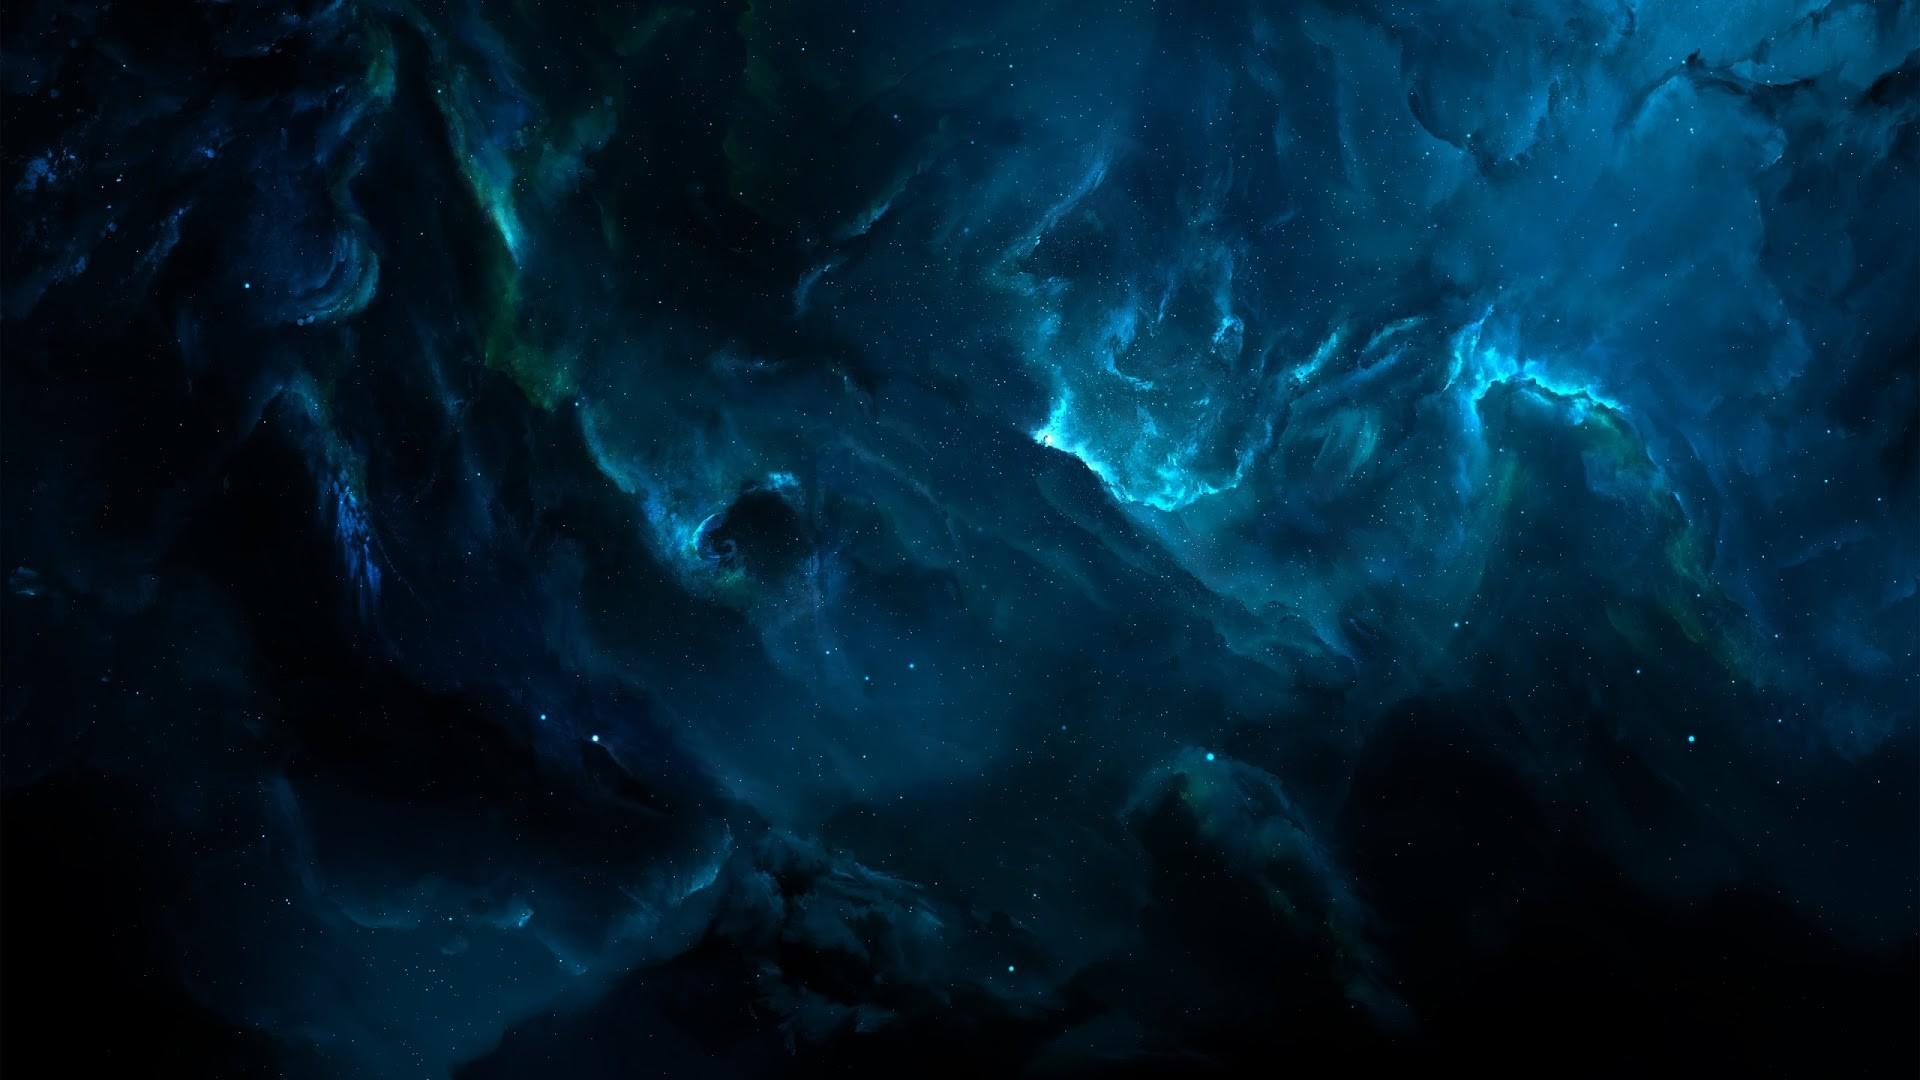 4K HD Wallpaper: Atlantis Nebula